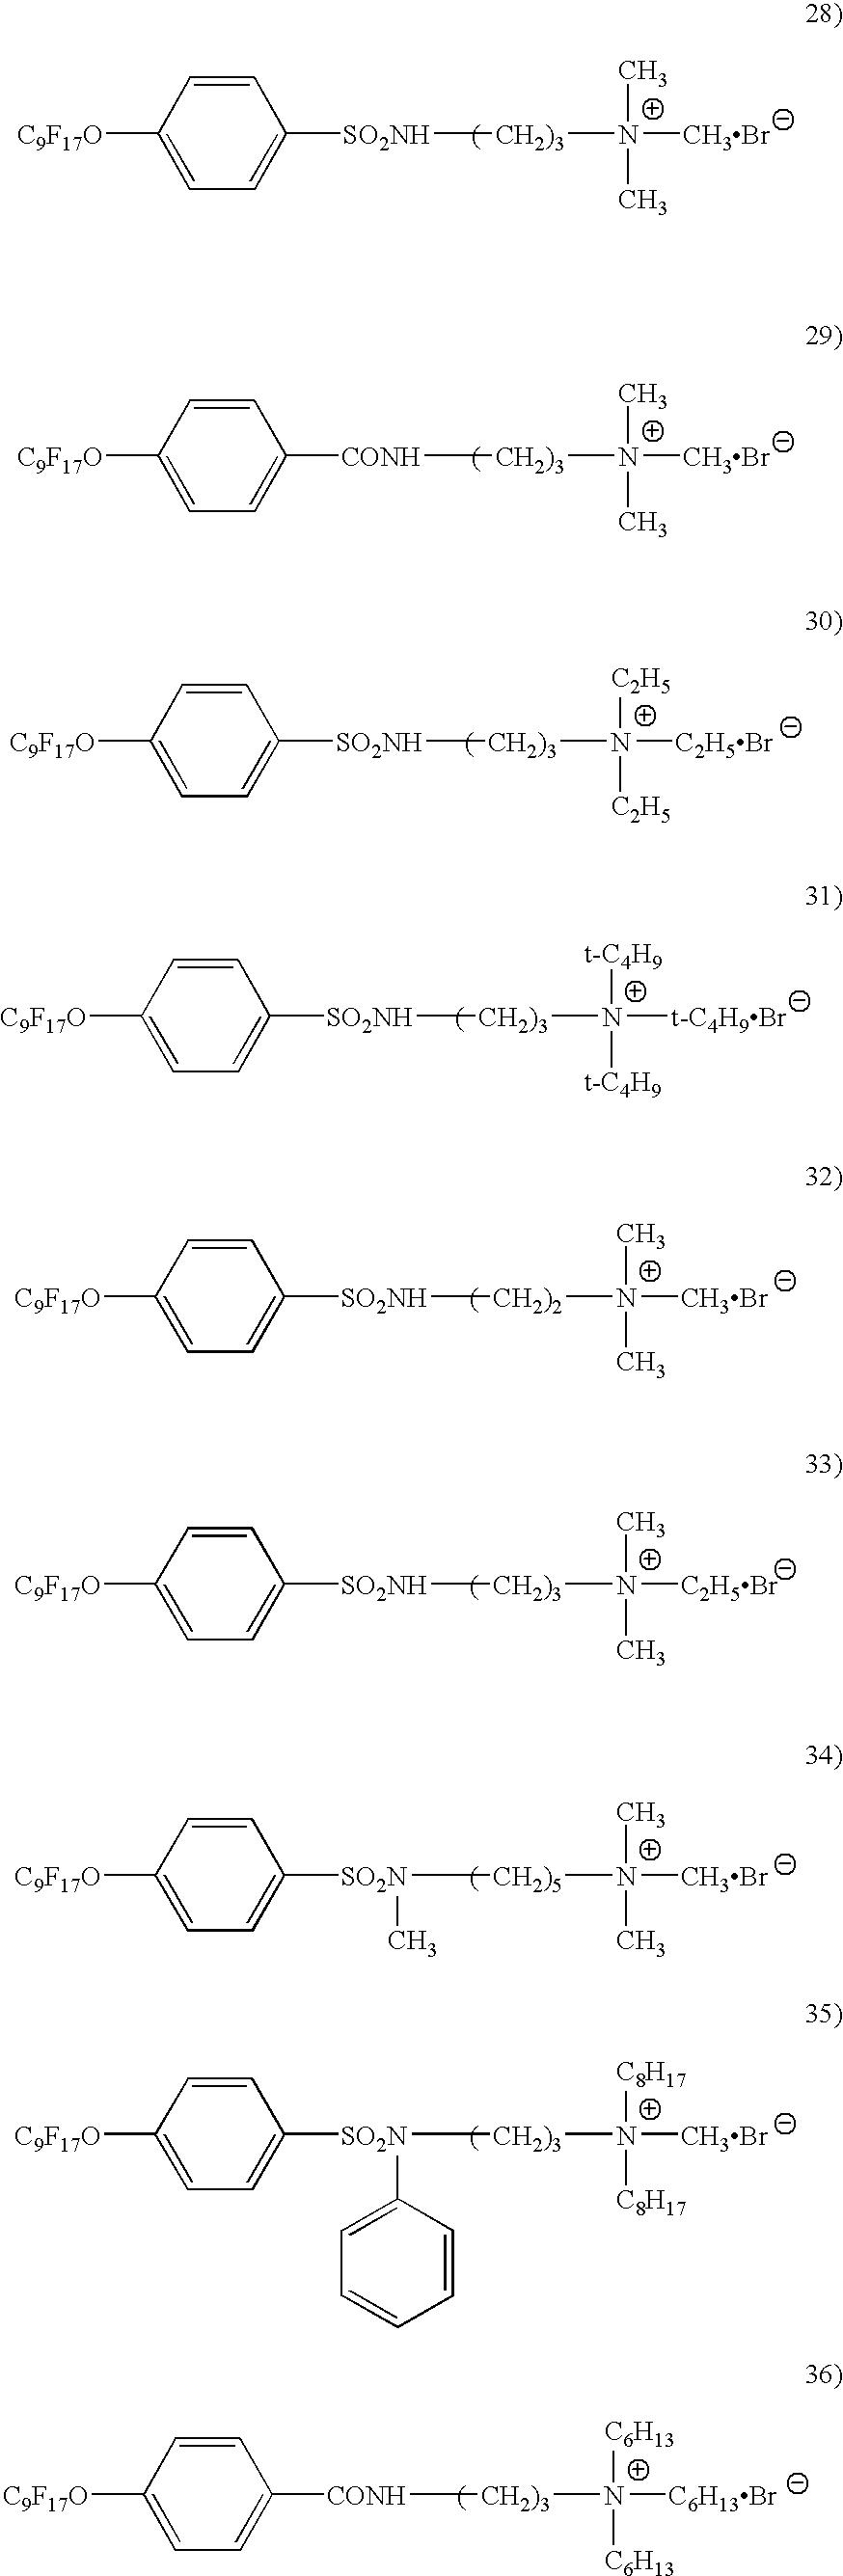 Figure US20050003288A1-20050106-C00006